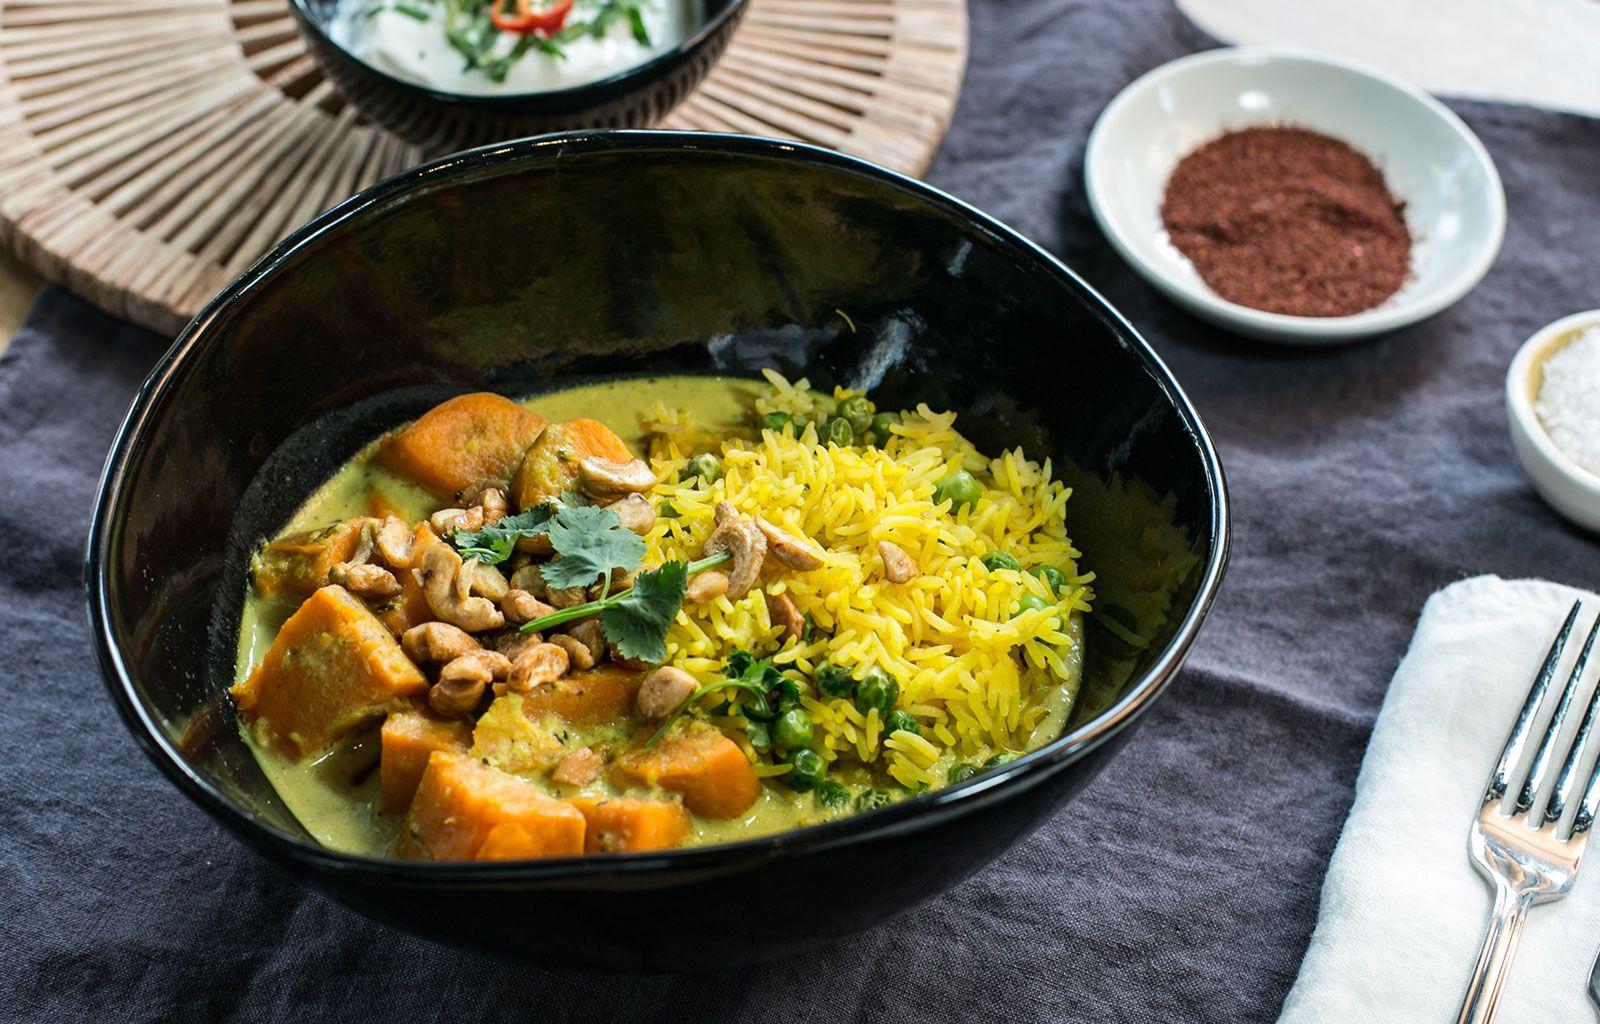 Vegan And Vegetarian Restaurant Gallery Vegan Restaurants London Vegan Fast Food Best Vegan Restaurants